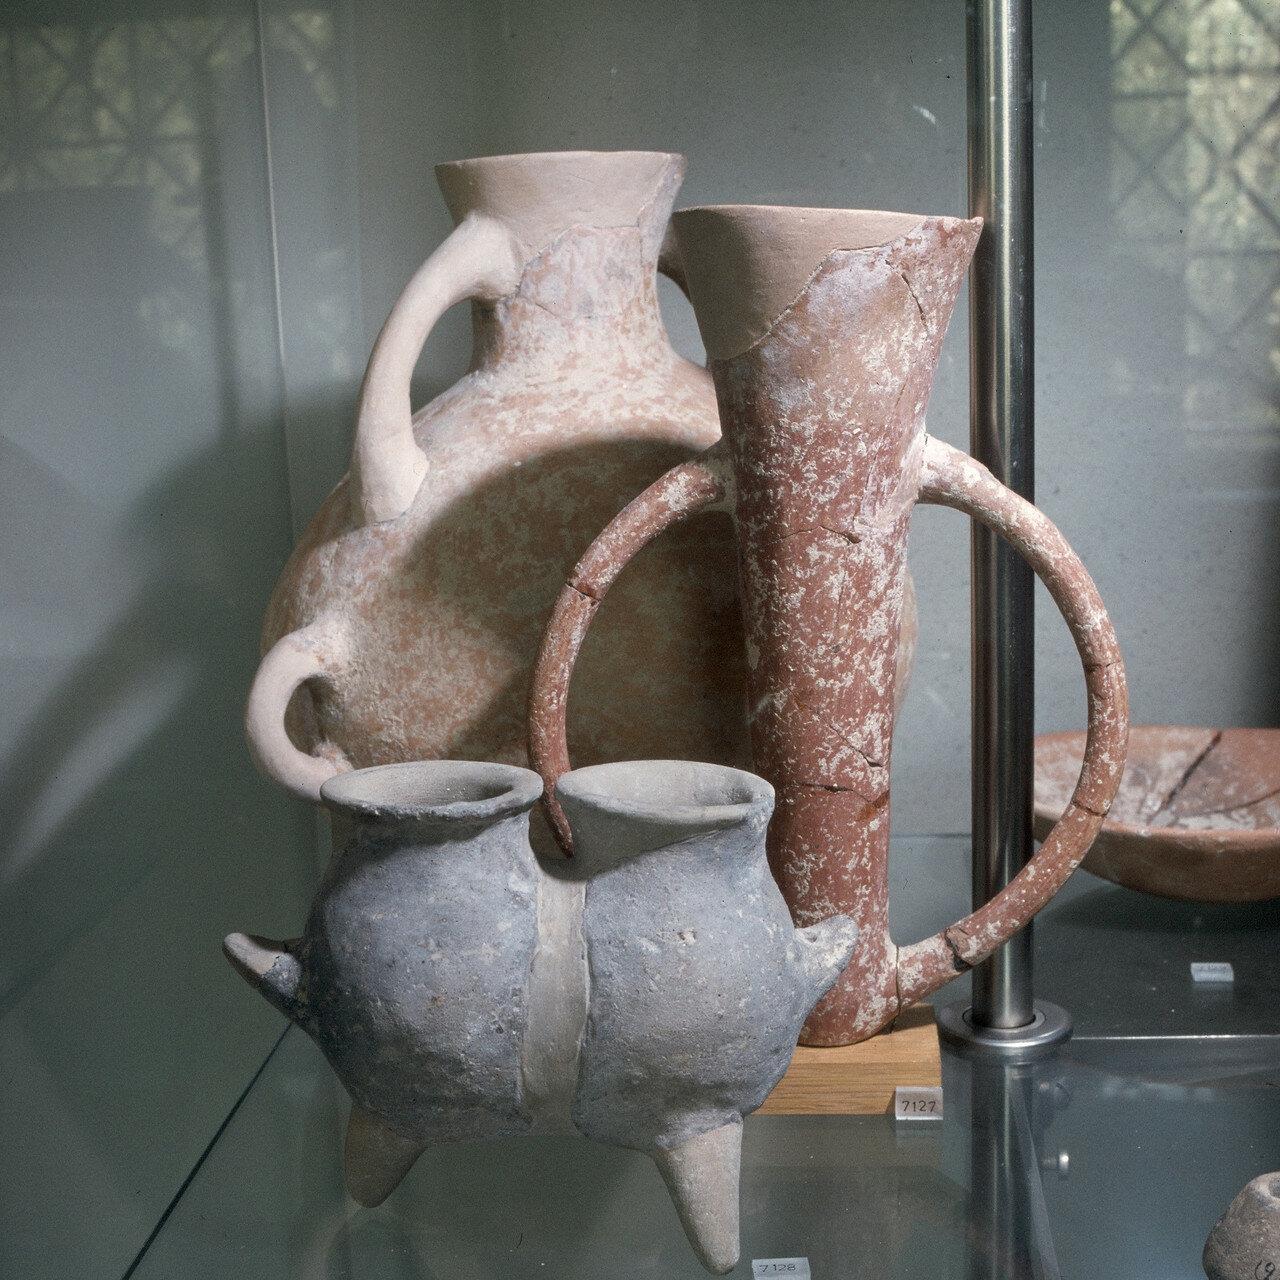 Афины. Национальный археологический музей, керамика Полиохни II (Лемнос), Третье тысячелетие до н.э. Двойные сосуды